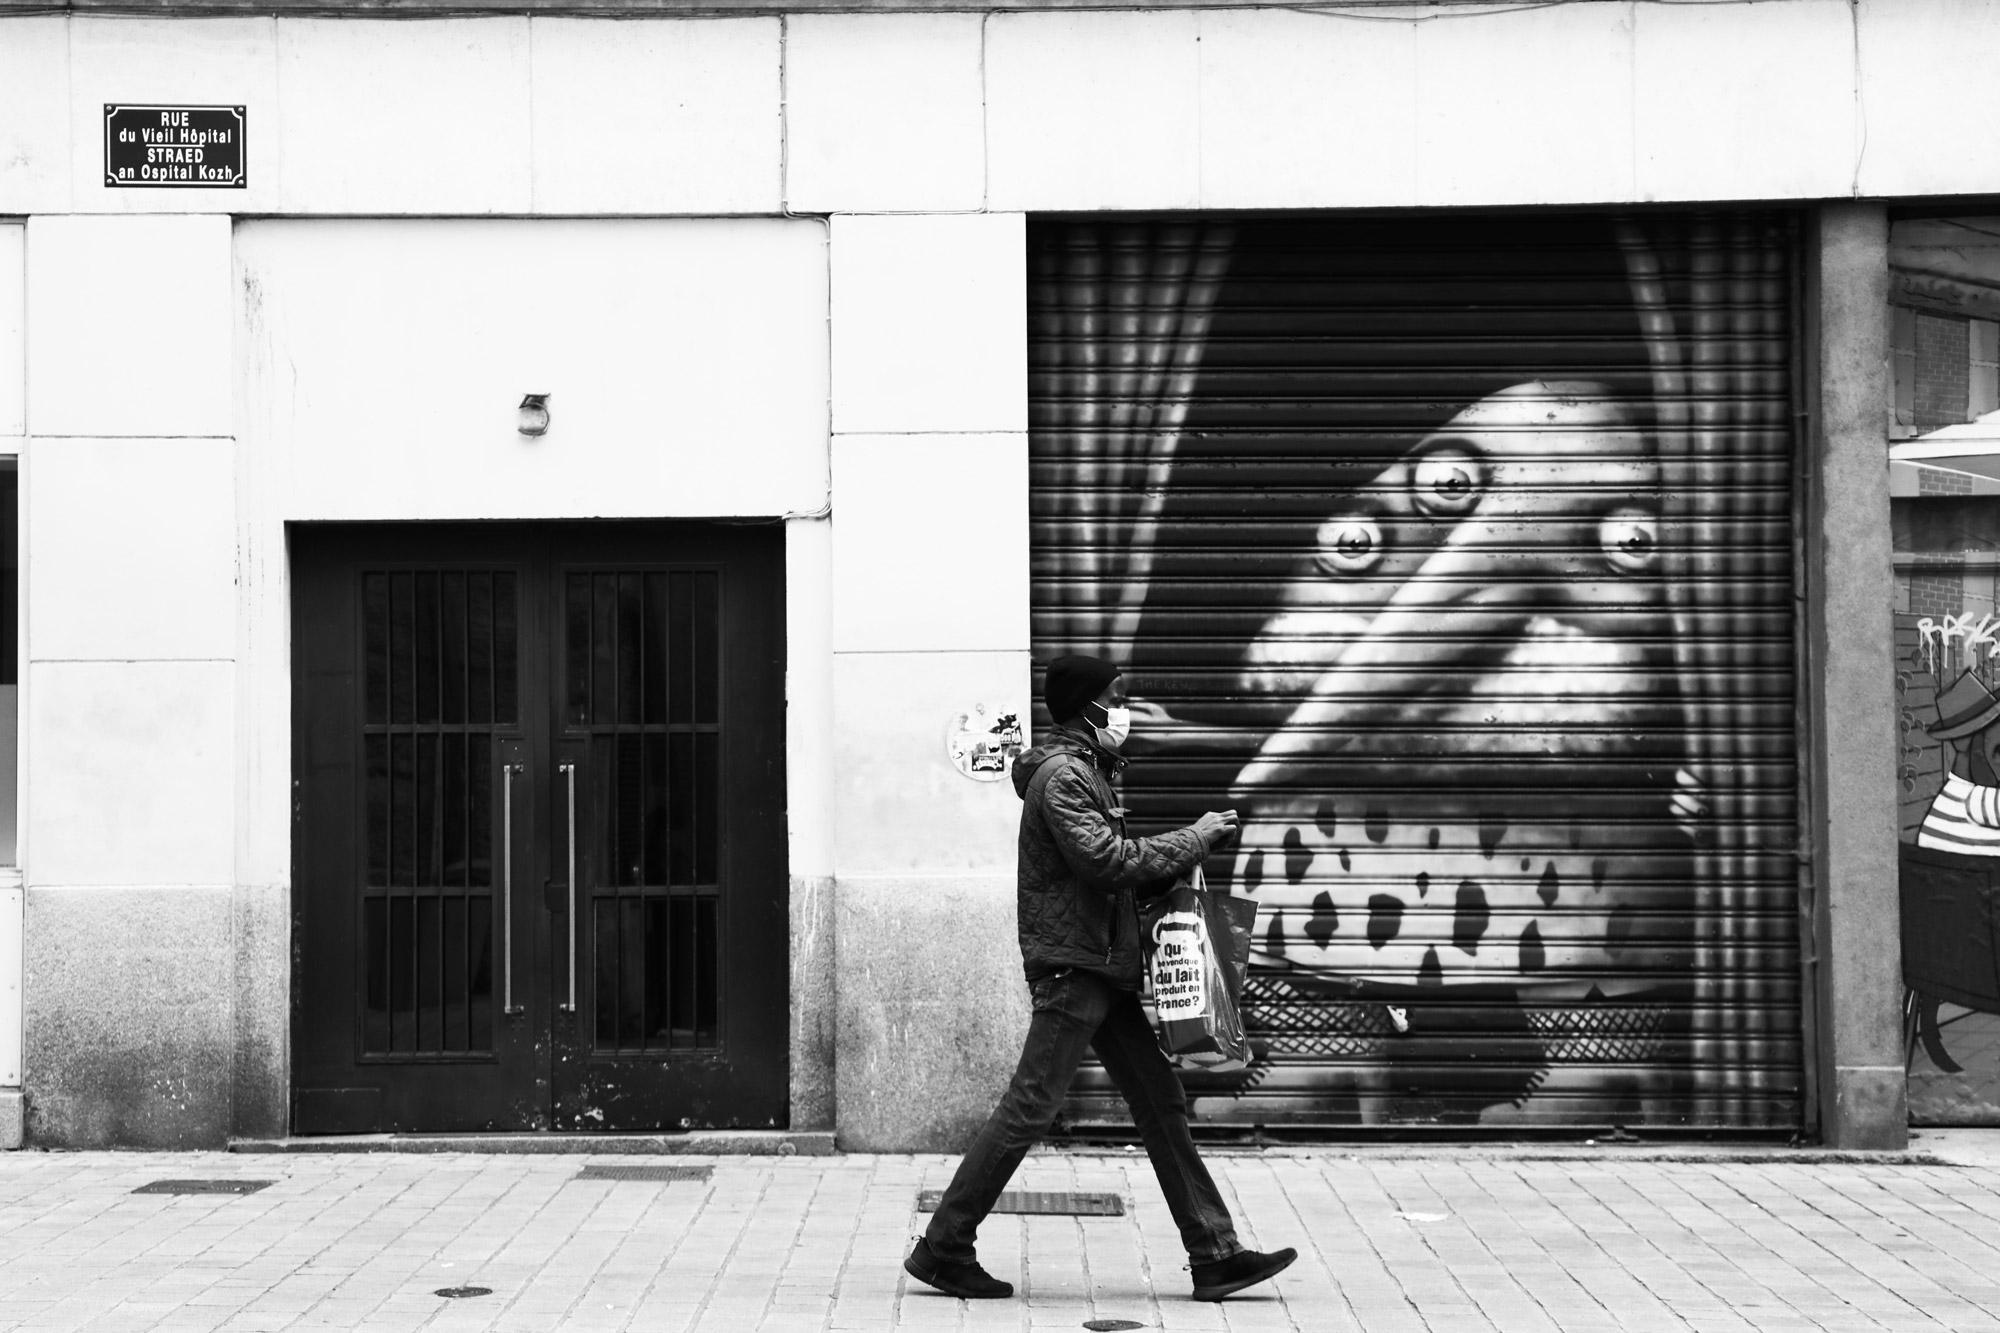 """""""Le jour d'après"""" - Rue du Vieil Hôpital, Nantes. ©Clémence Rougetet"""